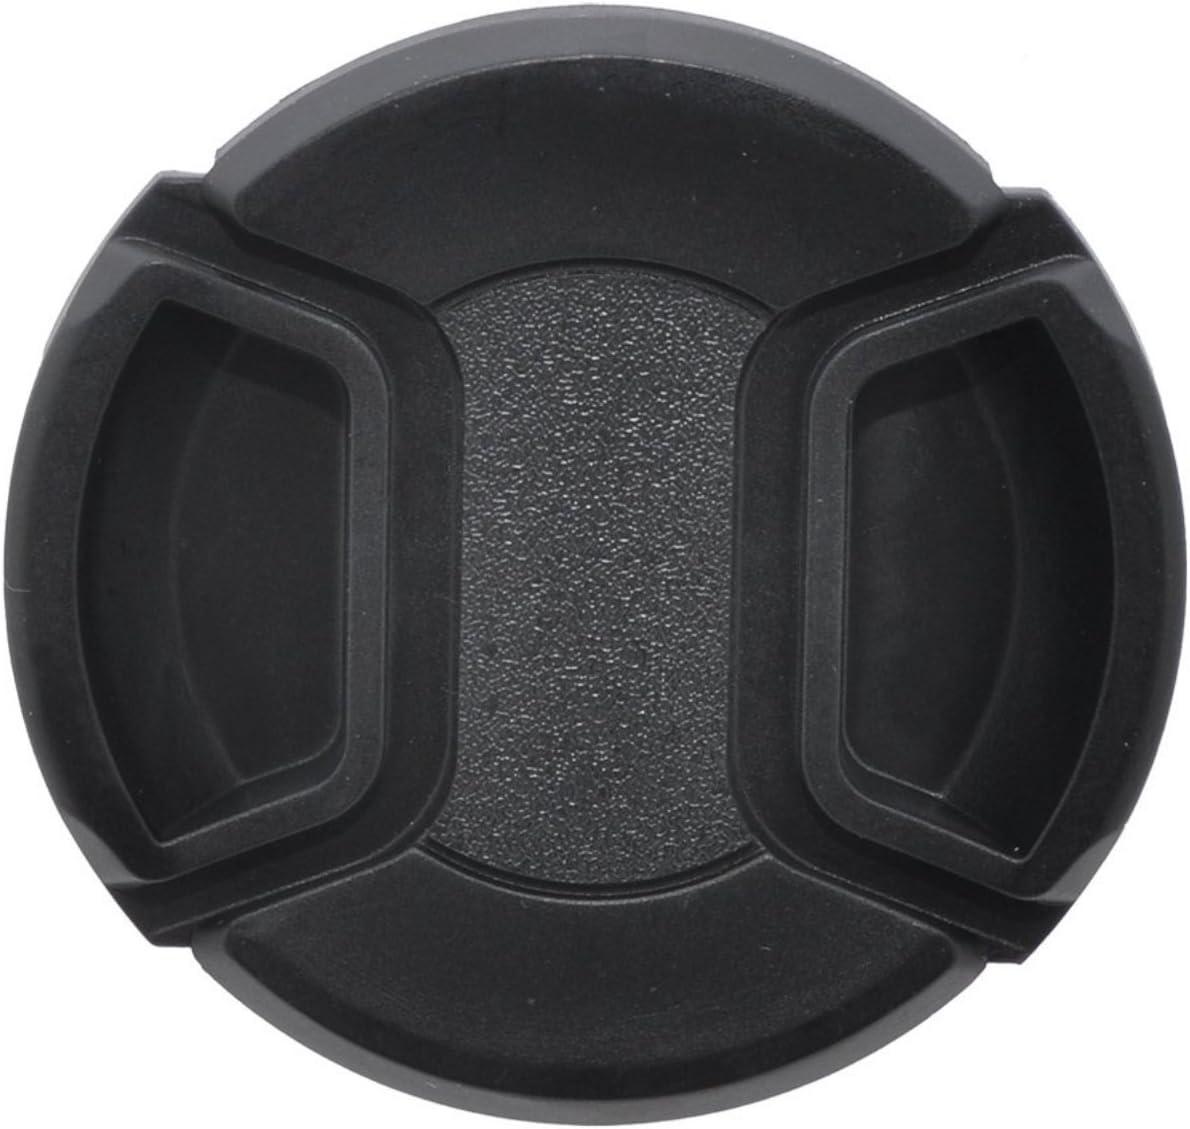 Cap Keeper 62mm Universal Snap-On Lens Cap for Nikon 70-300mm f//4-5.6G AF Nikkor SLR Camera Lens Microfiber Cleaning Cloth